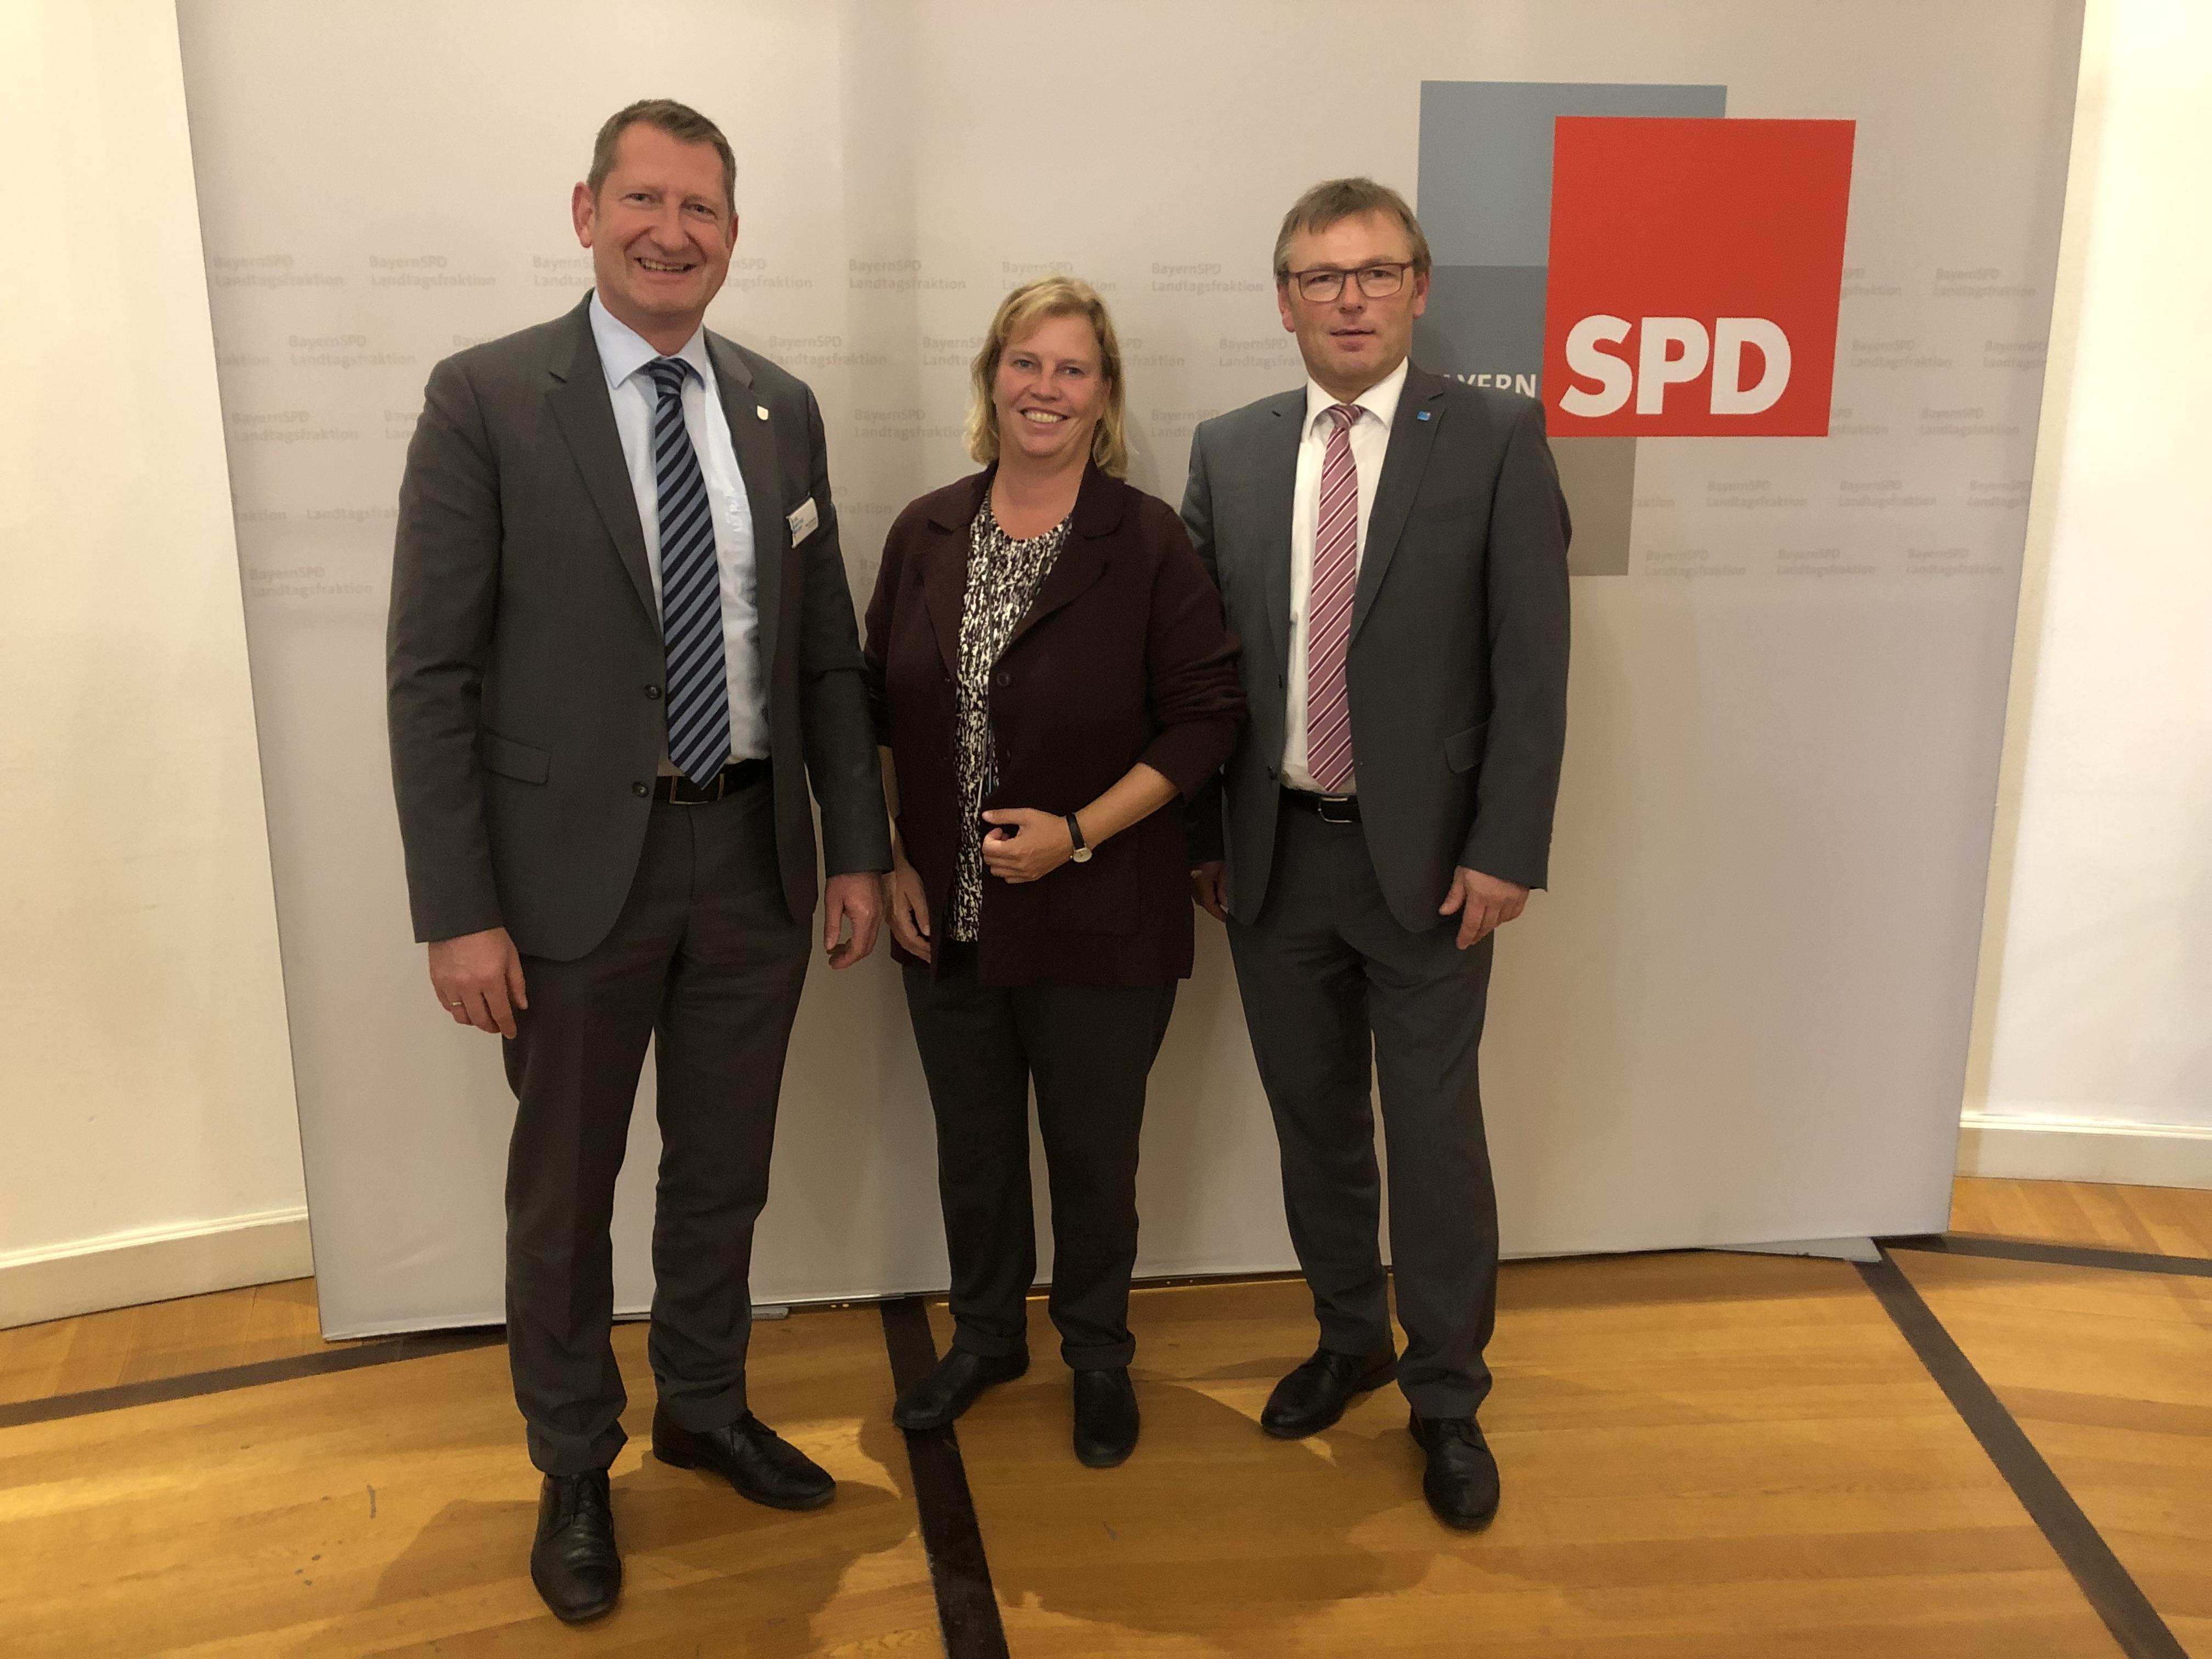 Teilnahme der KKB Vorstände Martin Rederer und Manfred Wendl an der Klausurtagung der SPD Landtagsfraktion im Bayerischen Landtag